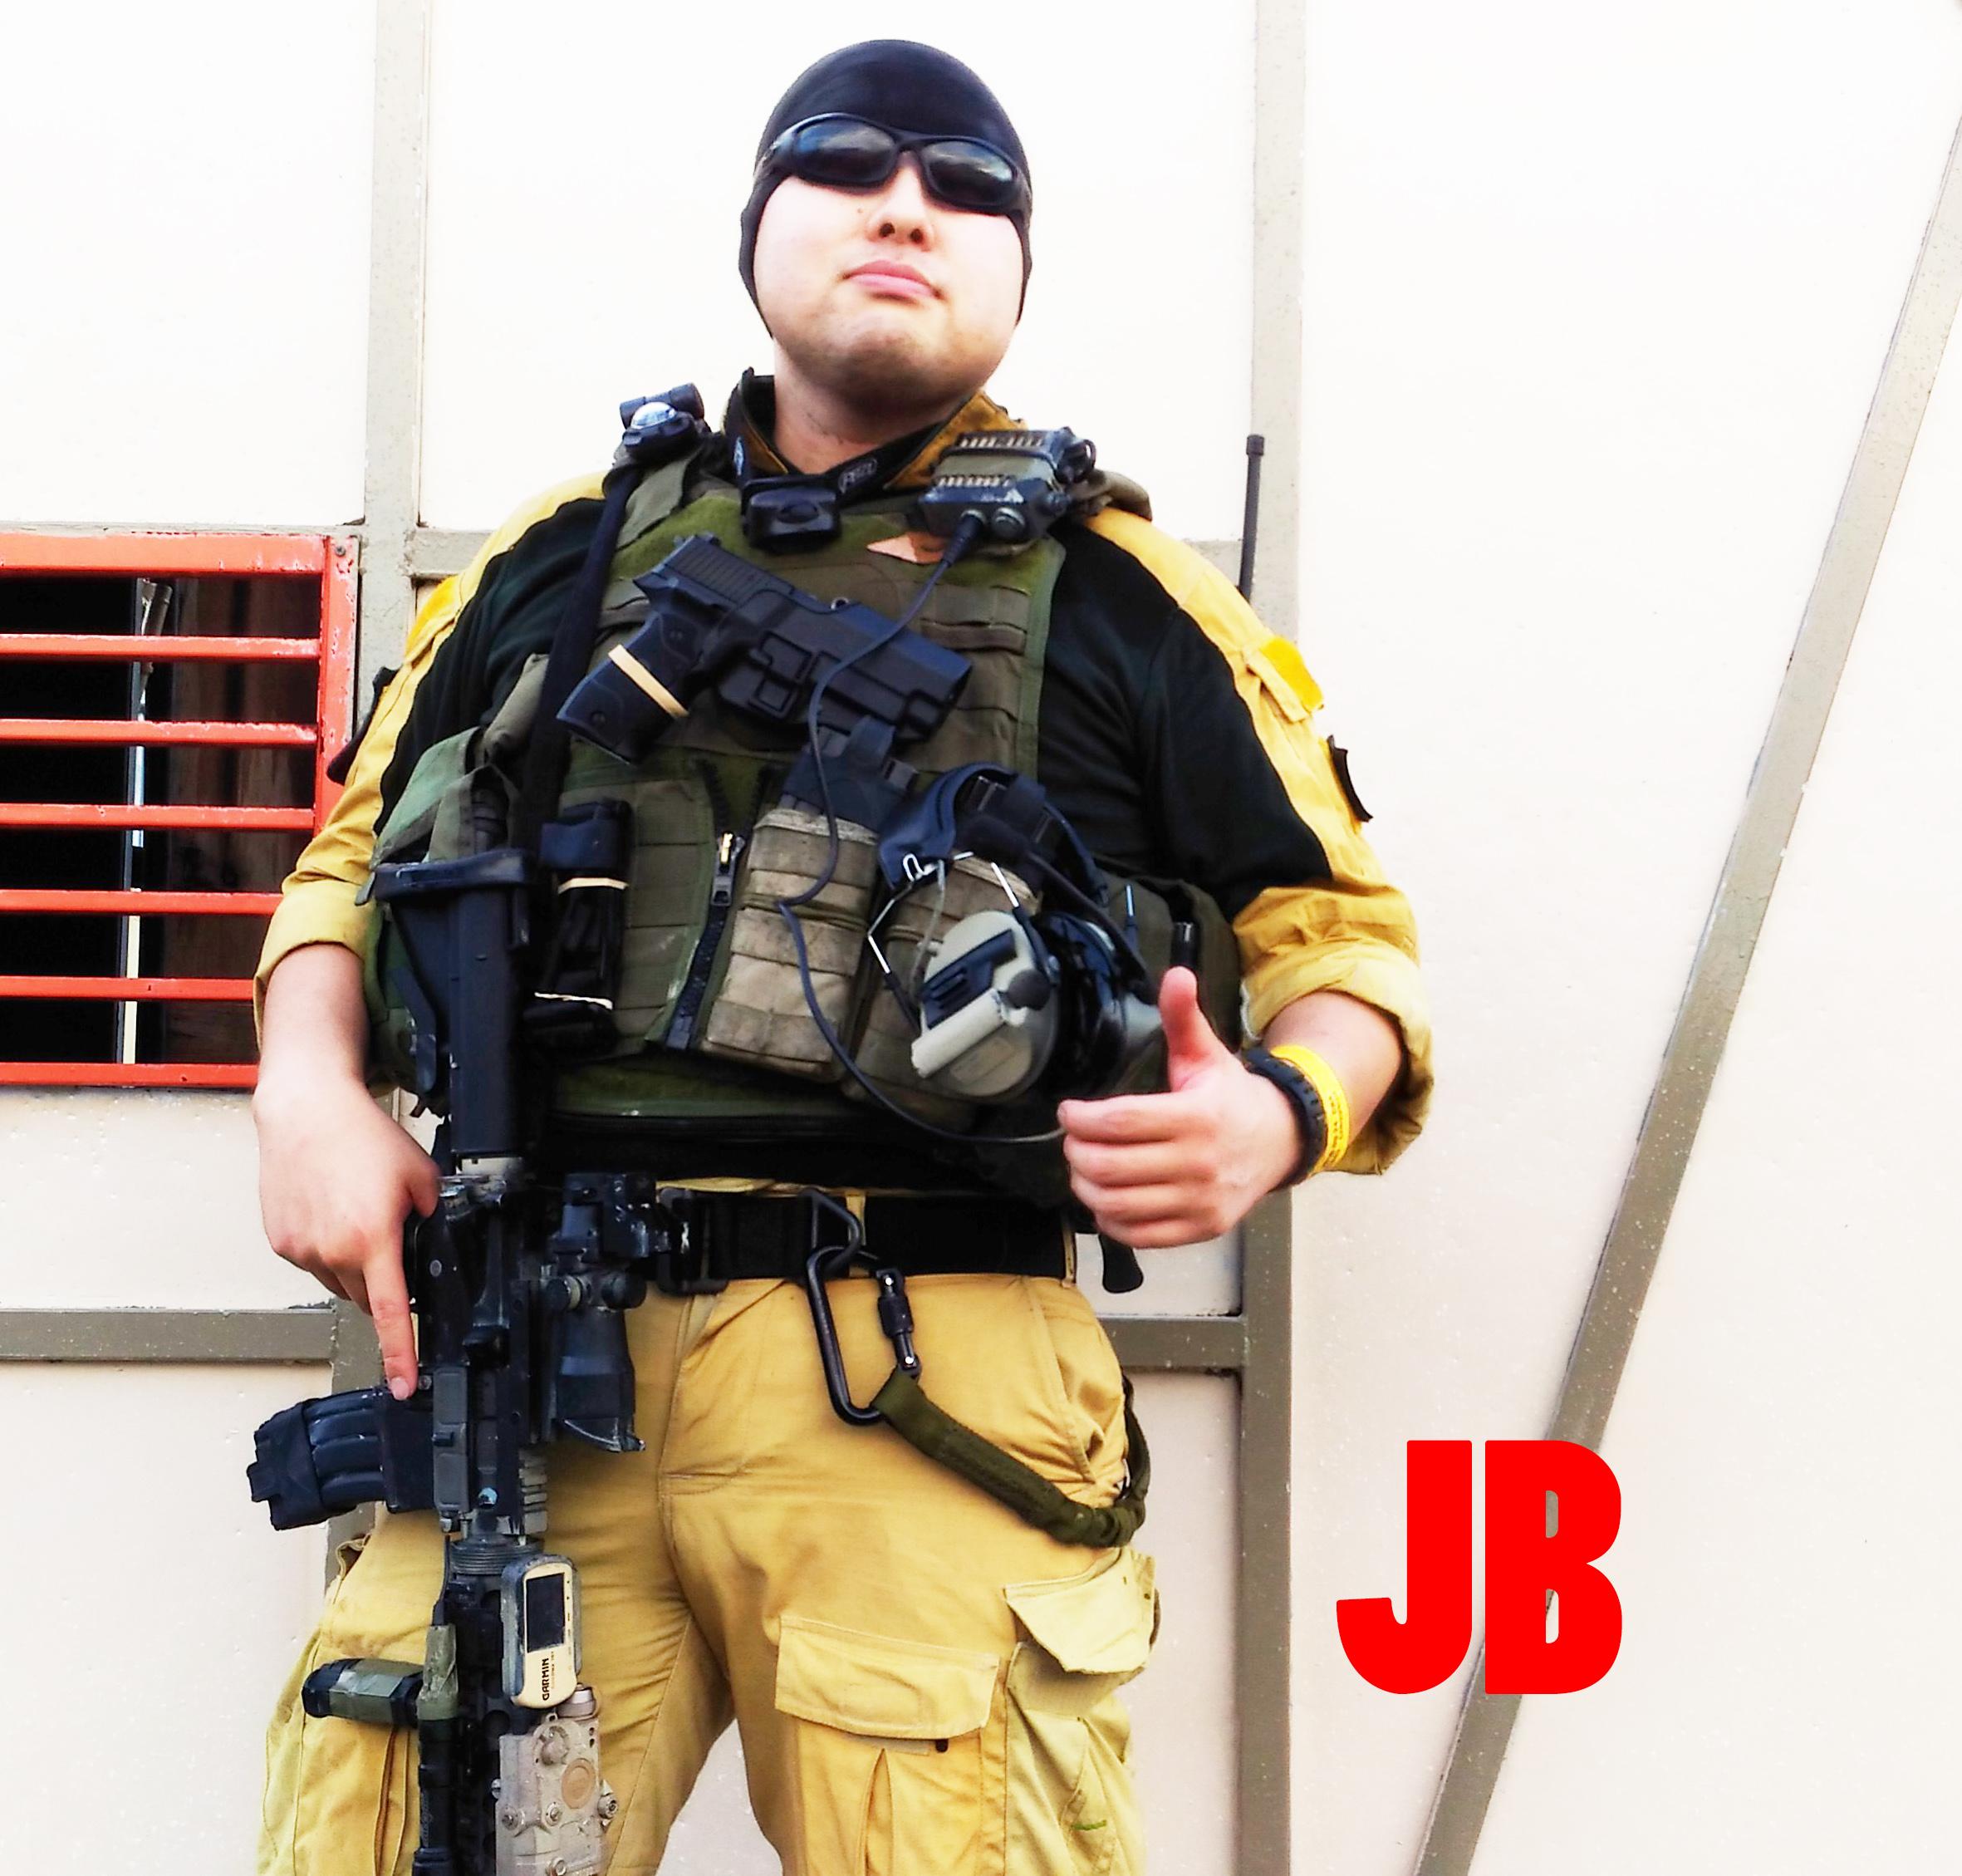 gear_JB.jpg